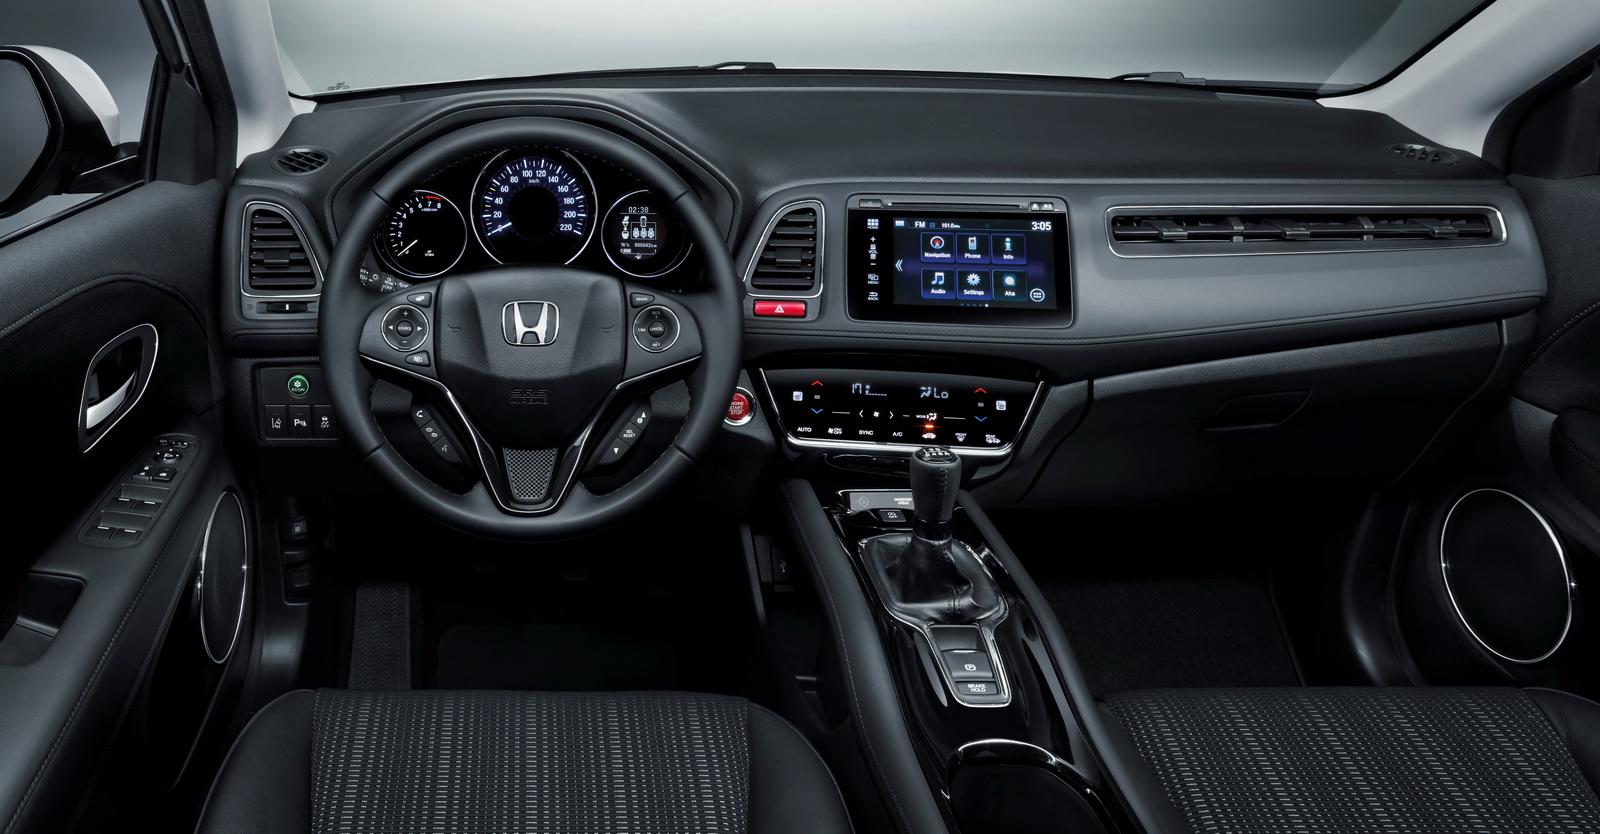 Honda HR-V: Disponible en verano con los 1.6 i-DTEC y 1.5 i-VTEC 3